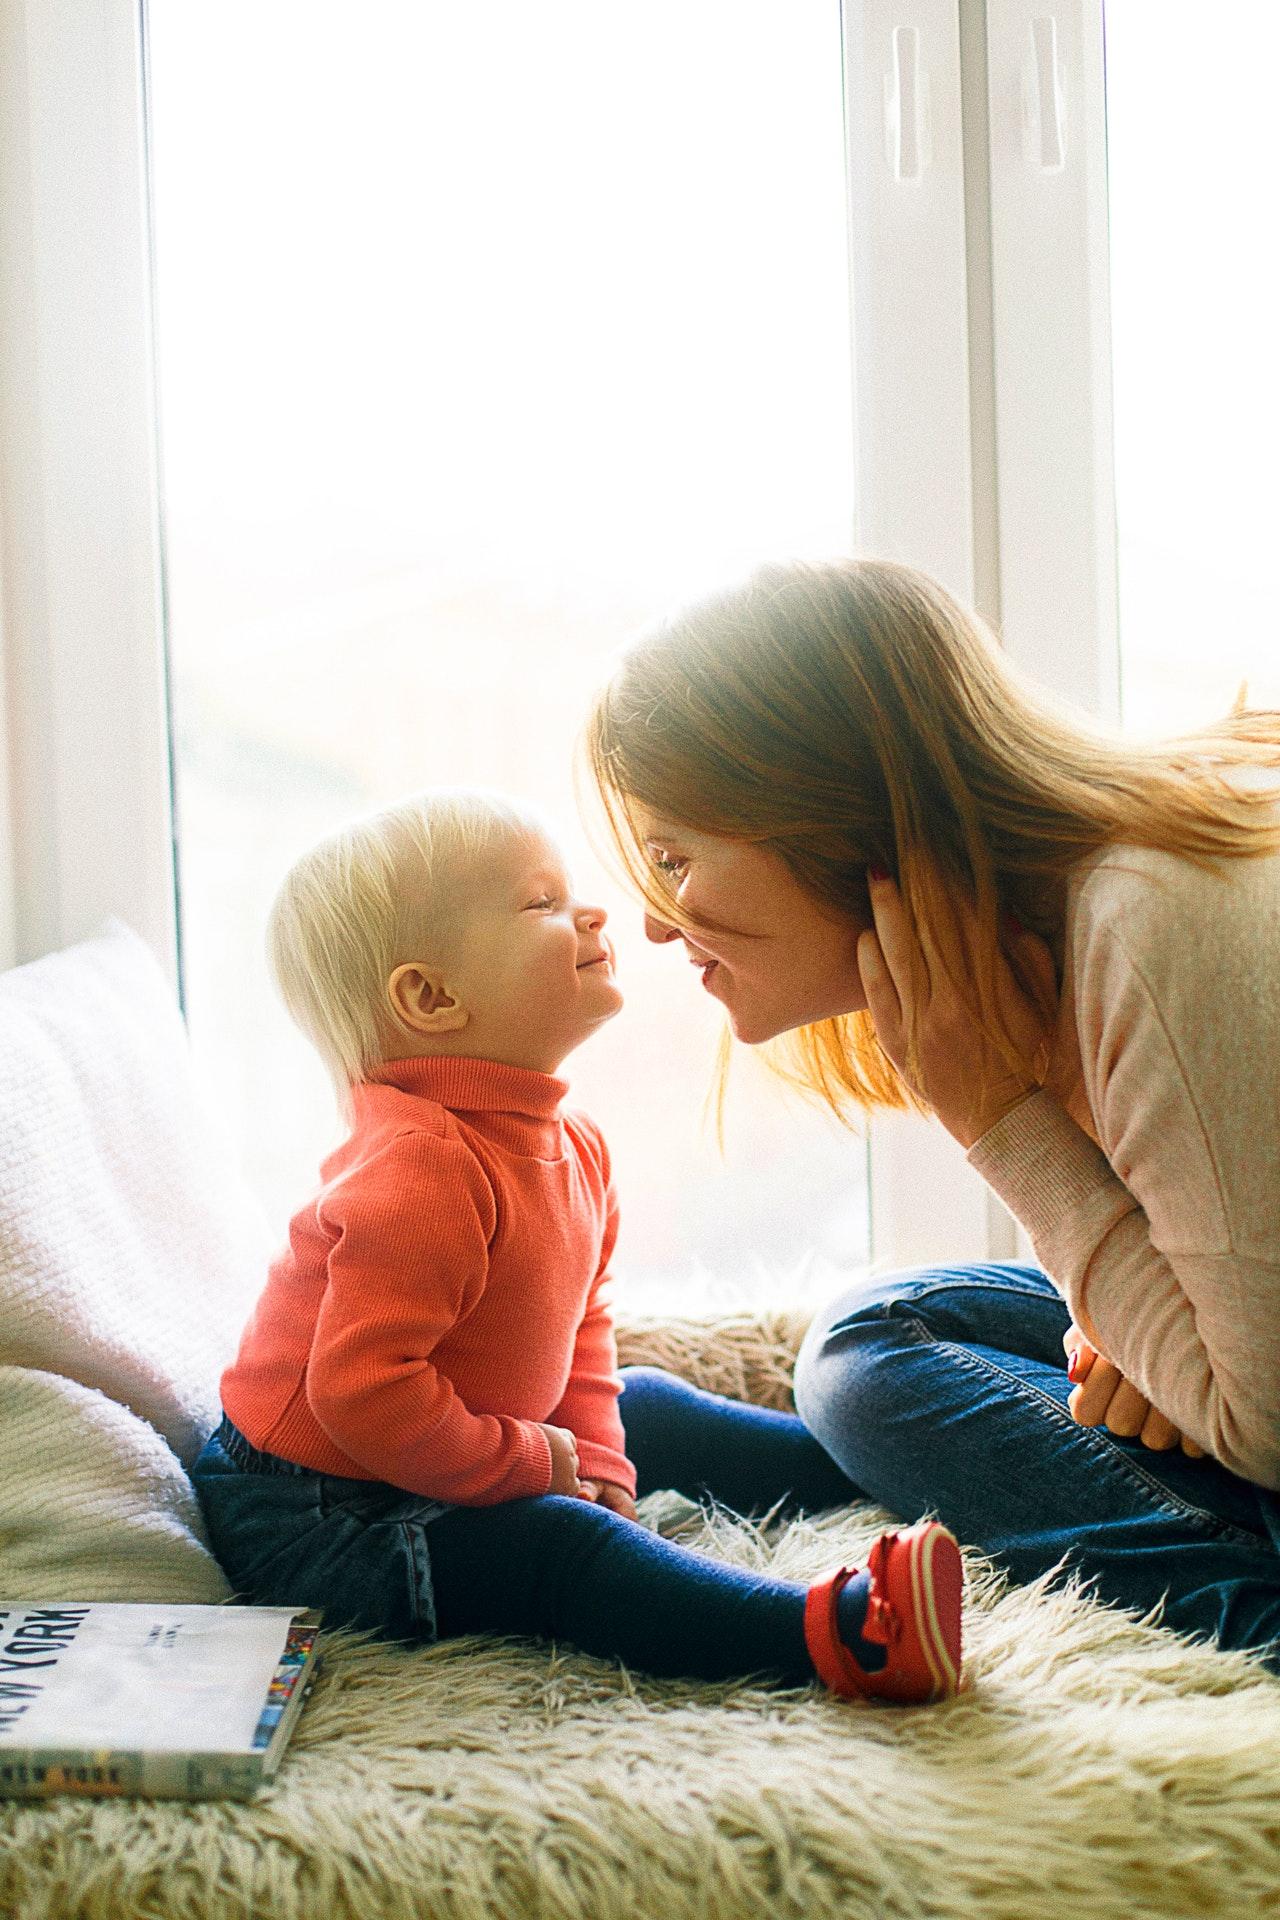 une baby-sitter et un enfant jouent